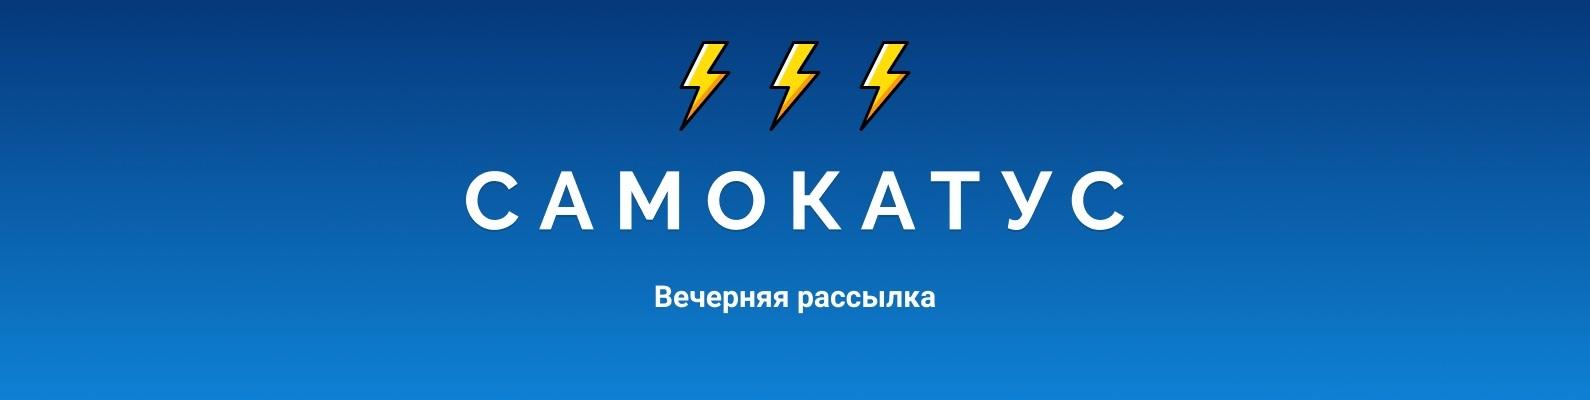 https://samokatus.ru/2019/11/daily-559/